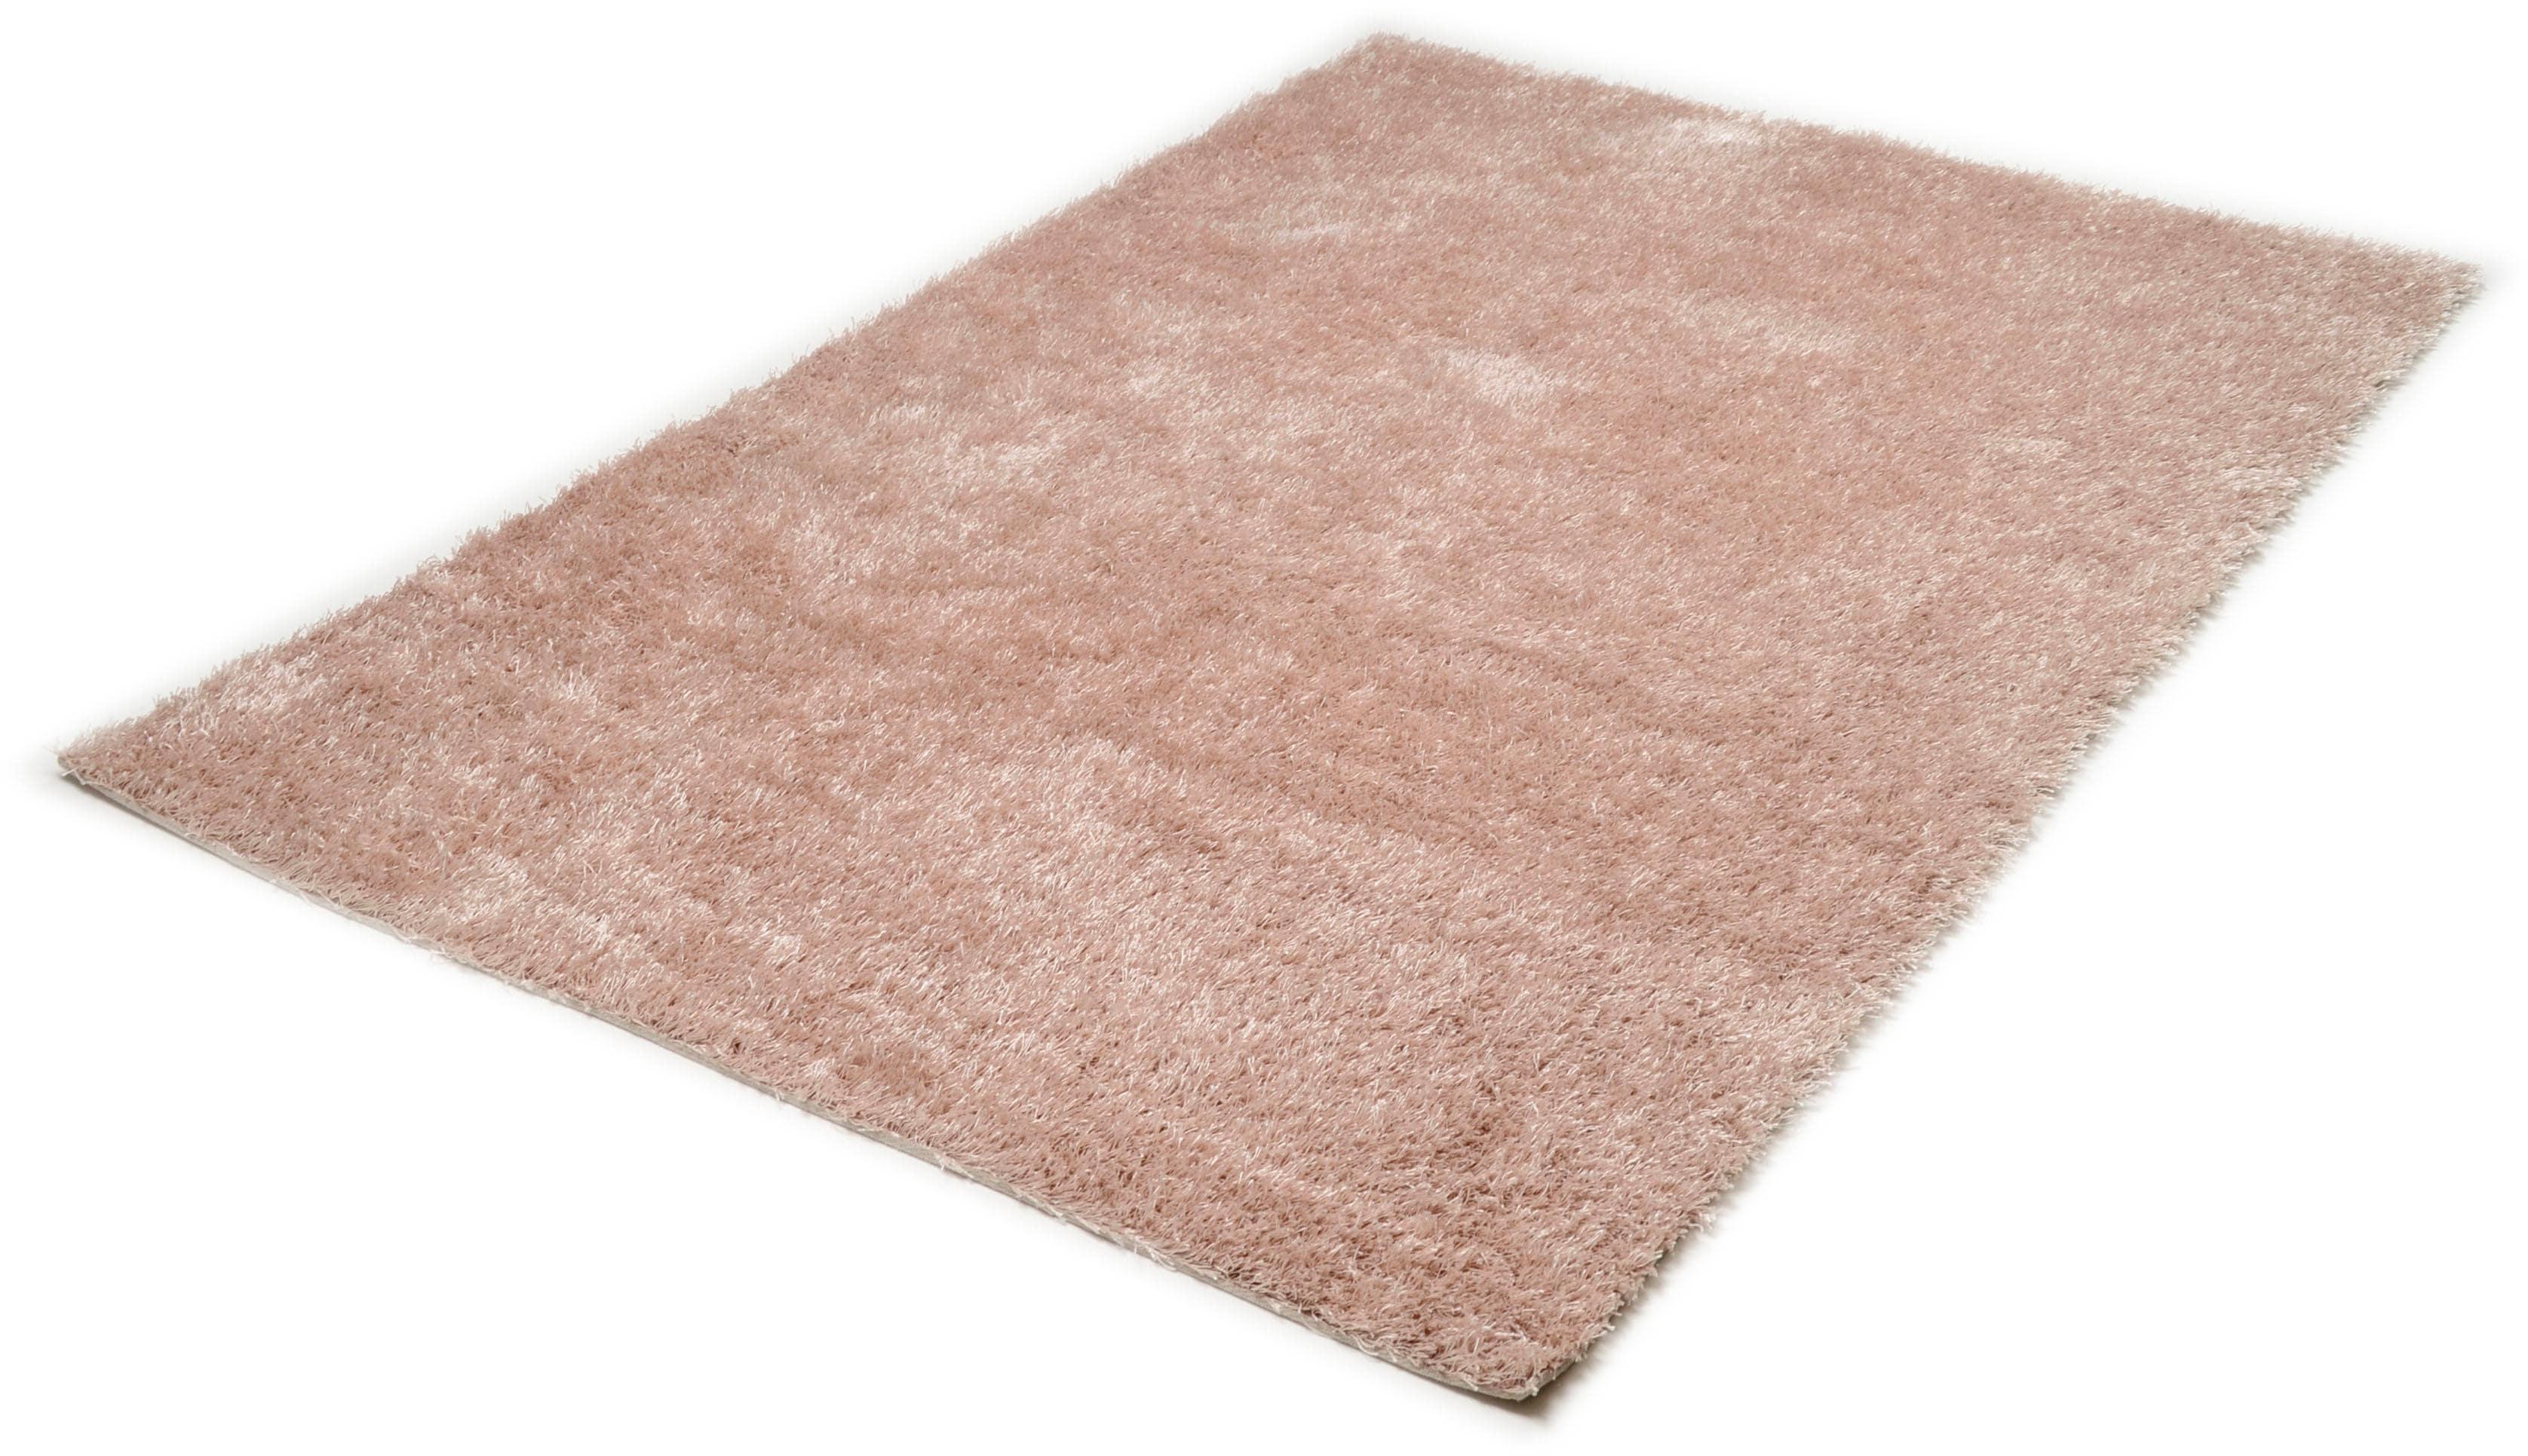 Hochflor-Teppich Tinos Super THEKO rechteckig Höhe 35 mm handgetuftet